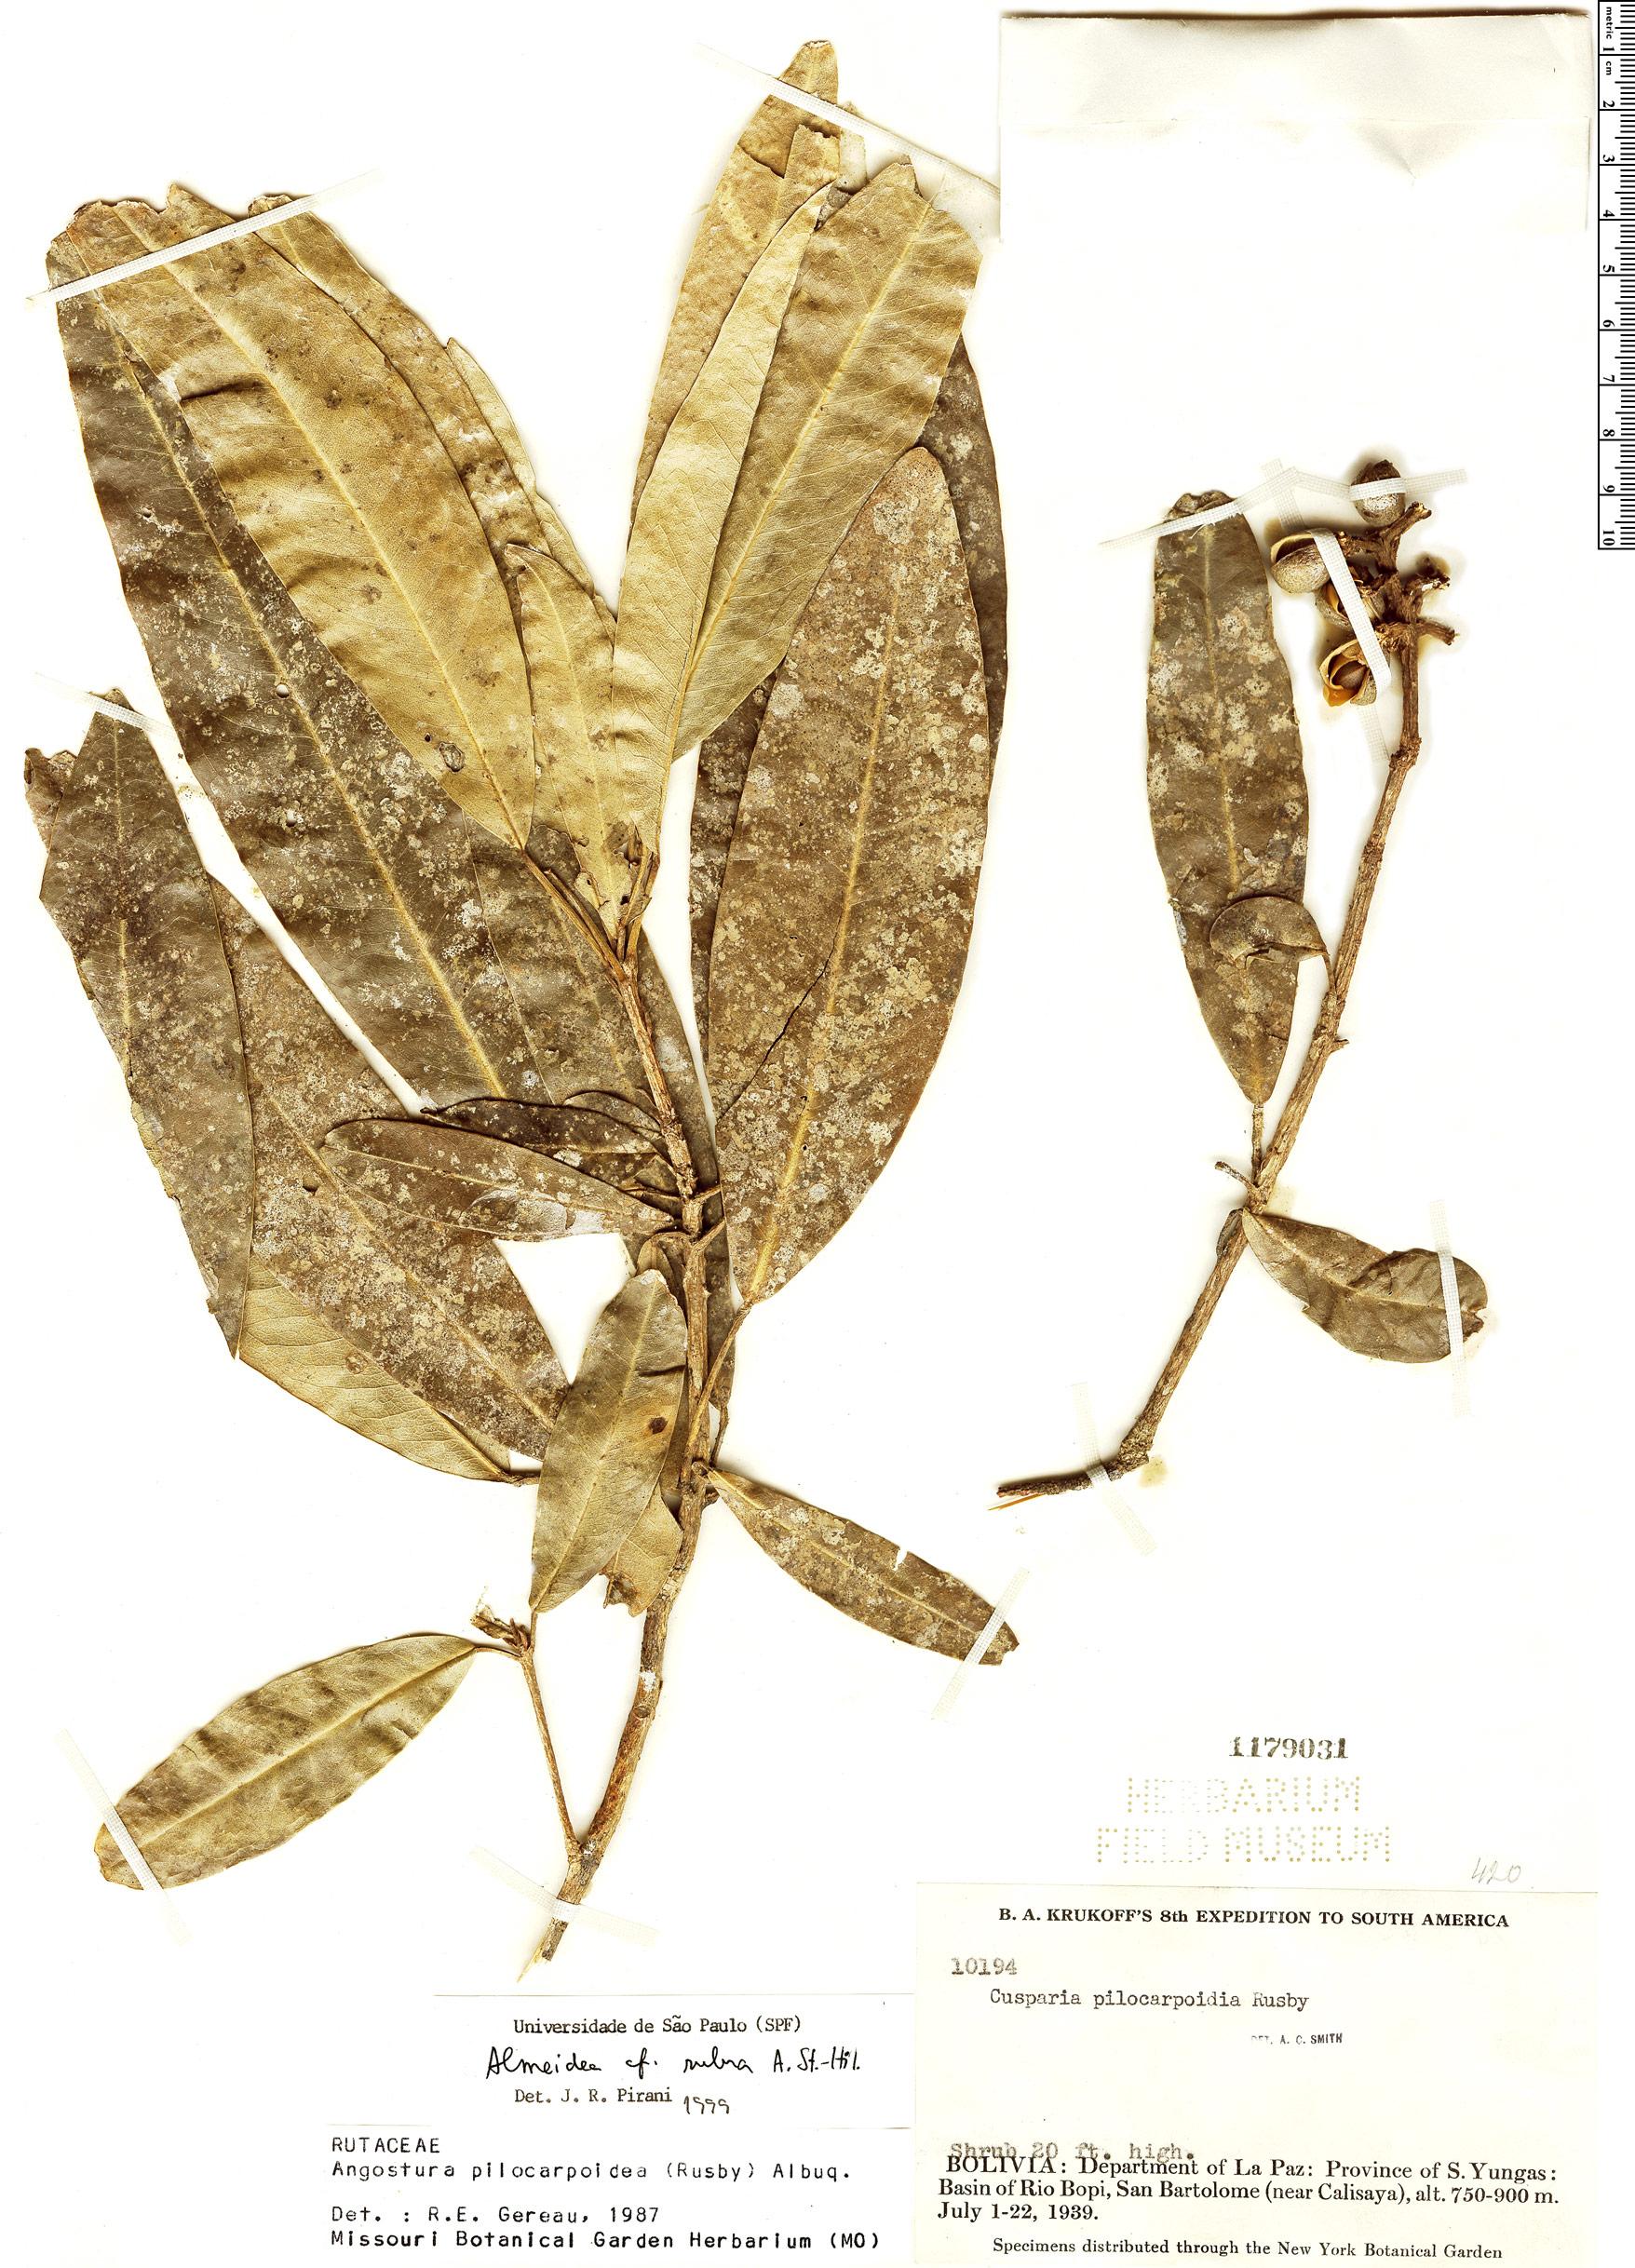 Specimen: Almeidea rubra